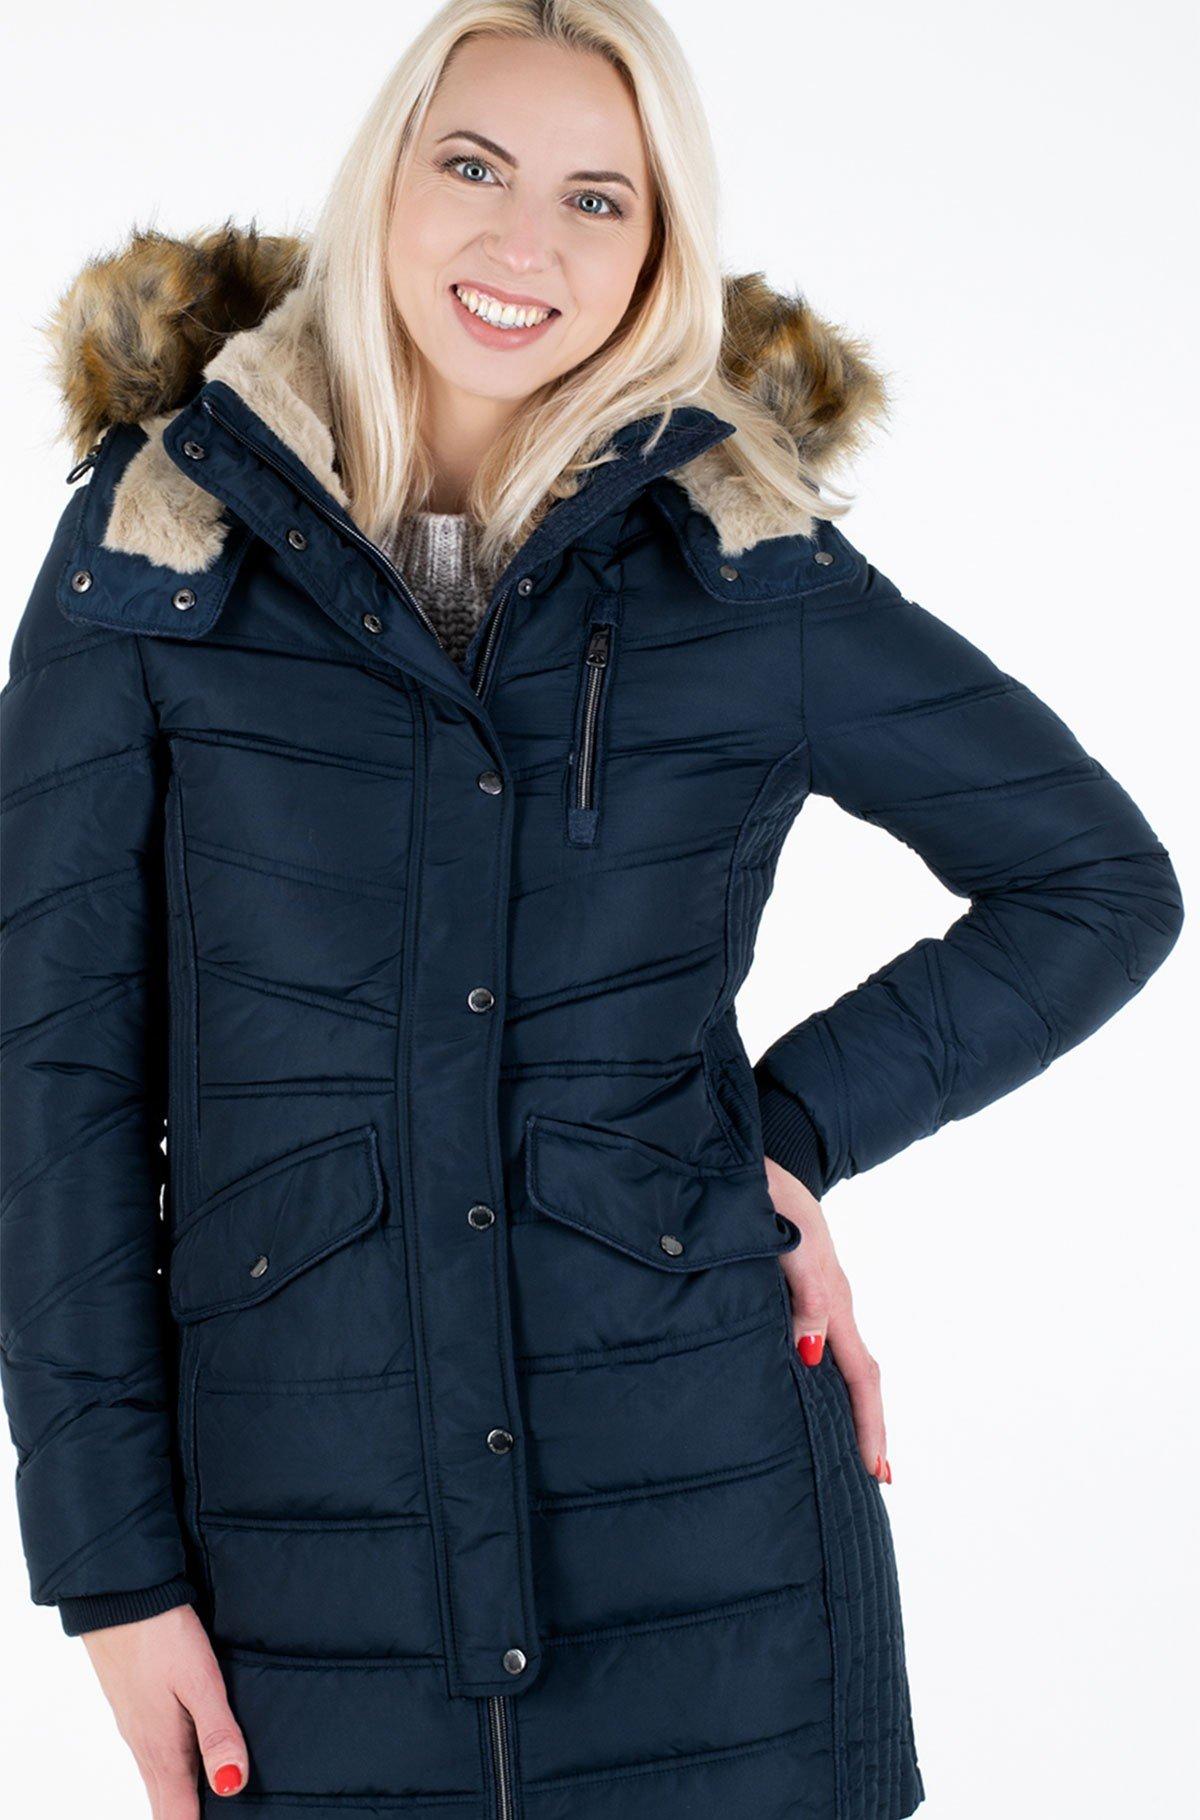 Pea coat 1020608-full-2